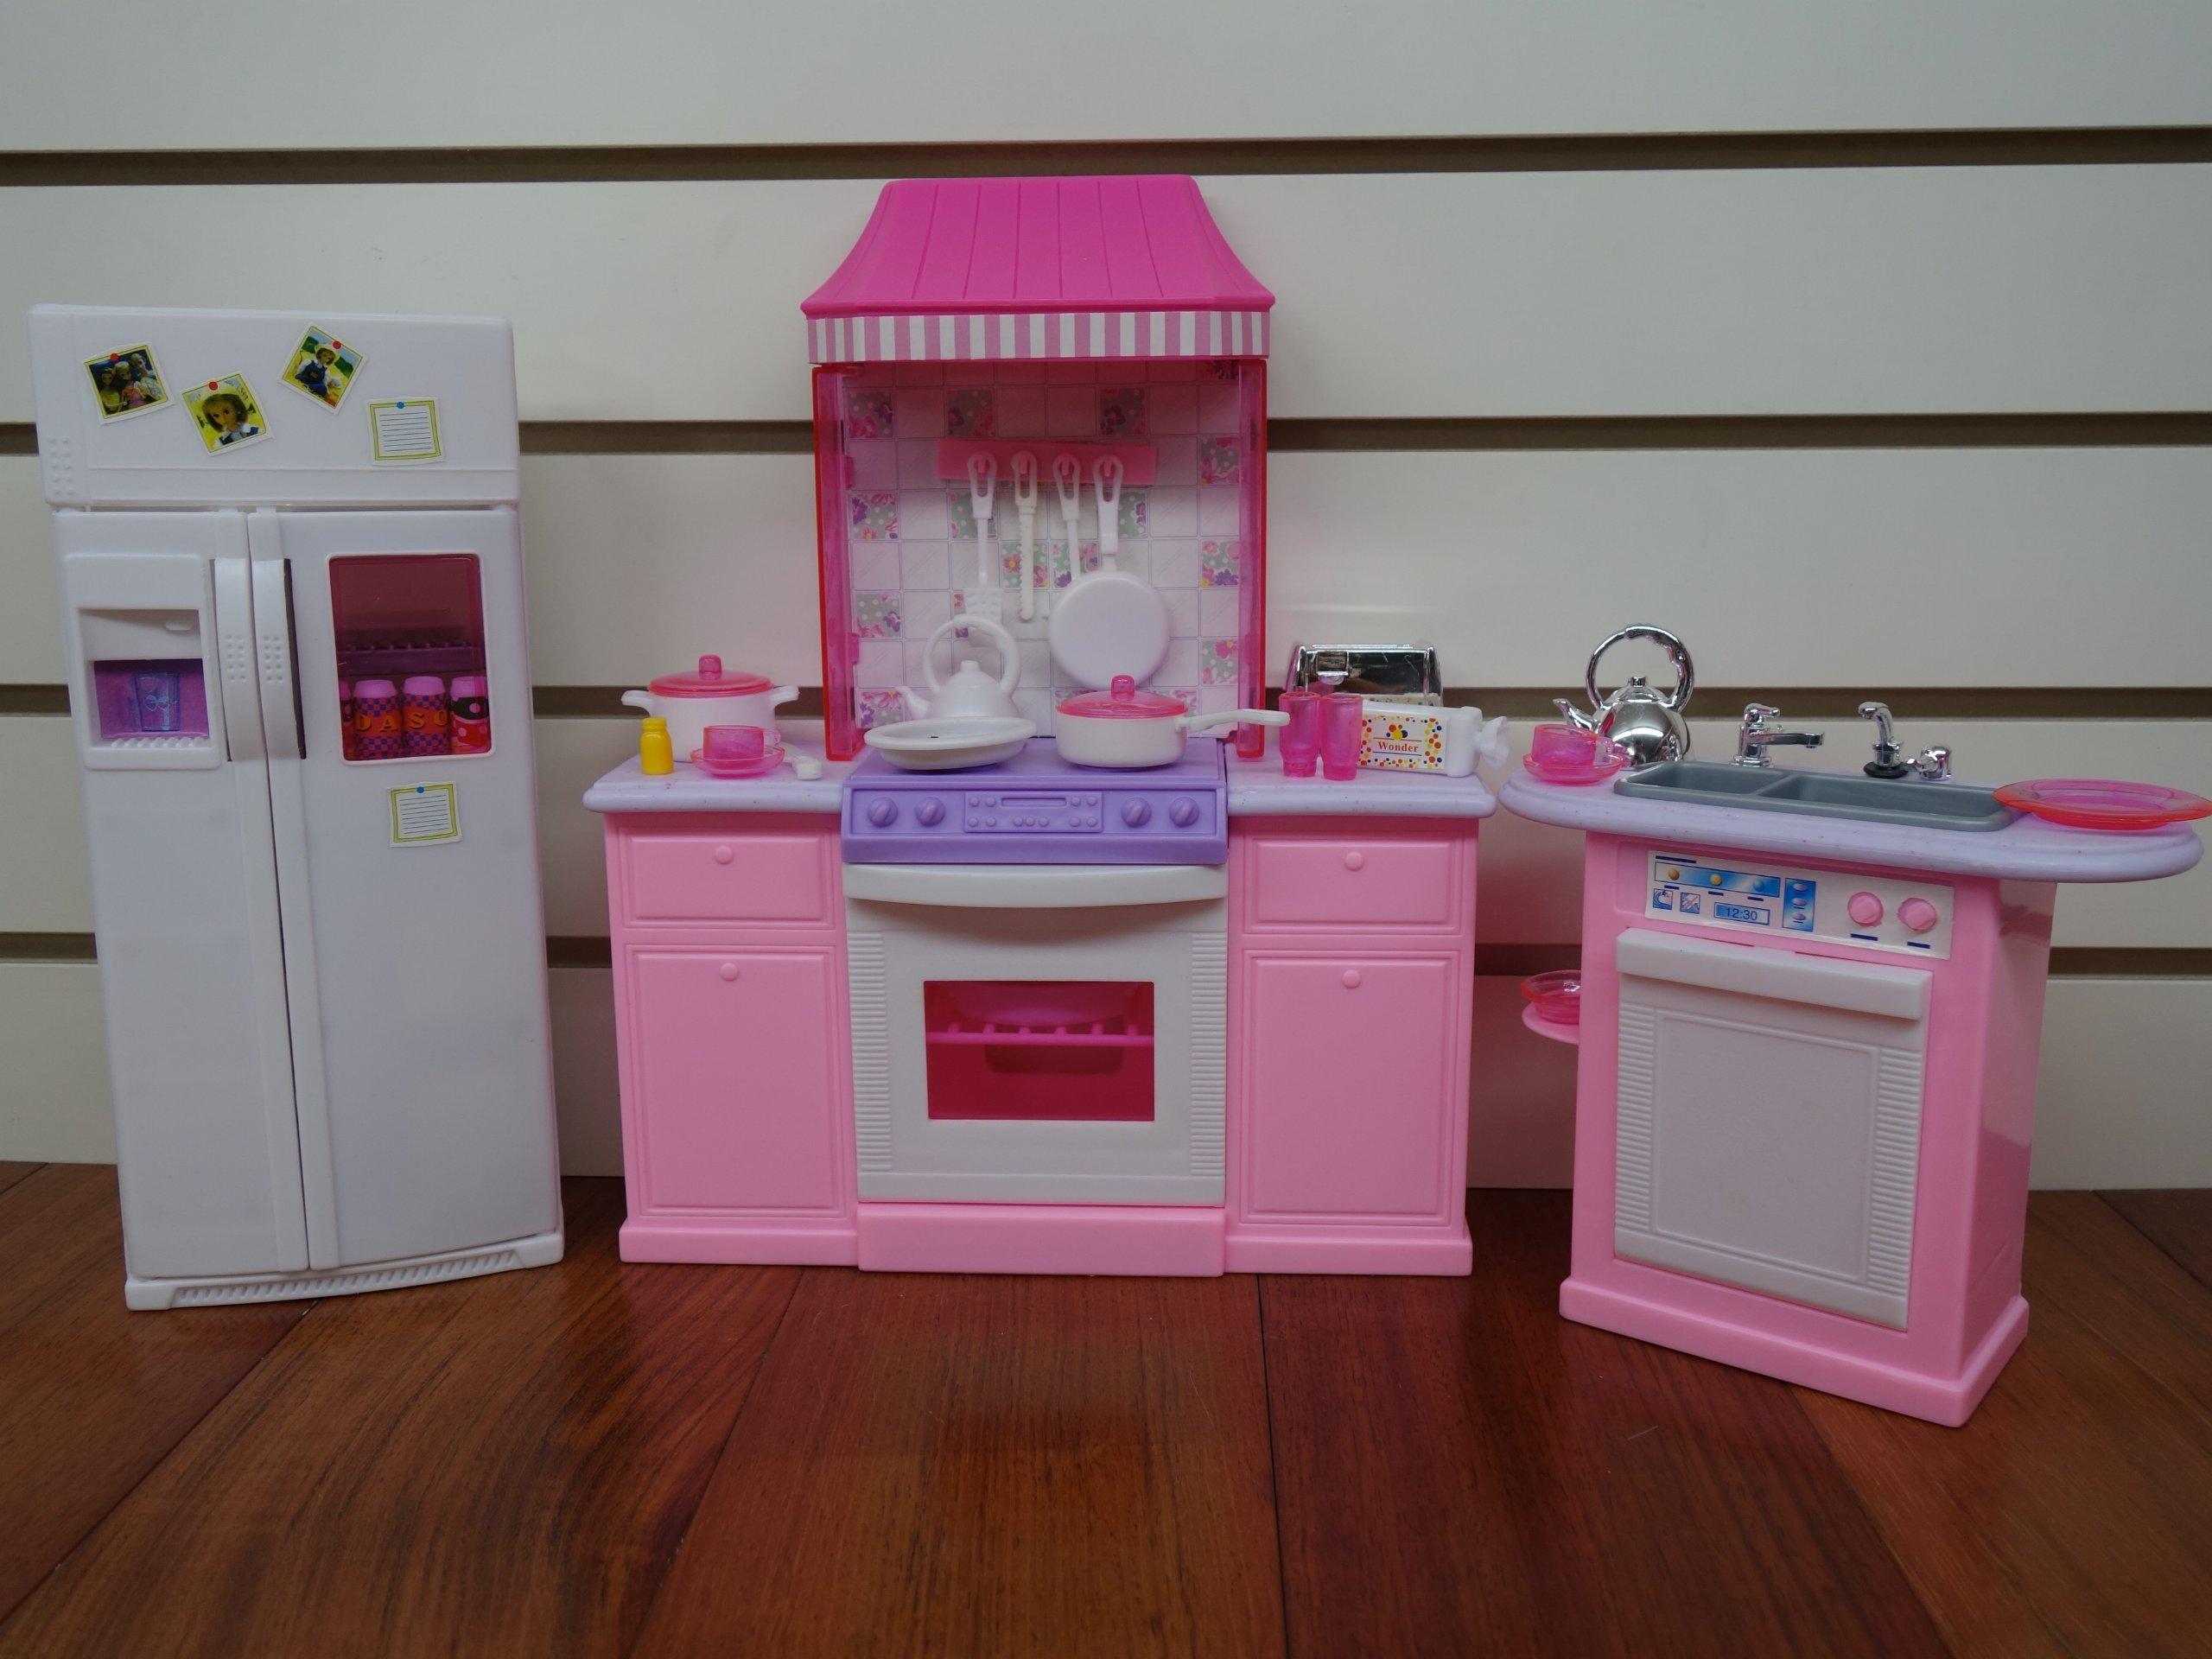 barbie size dollhouse furniture kitchen set ebay. Black Bedroom Furniture Sets. Home Design Ideas